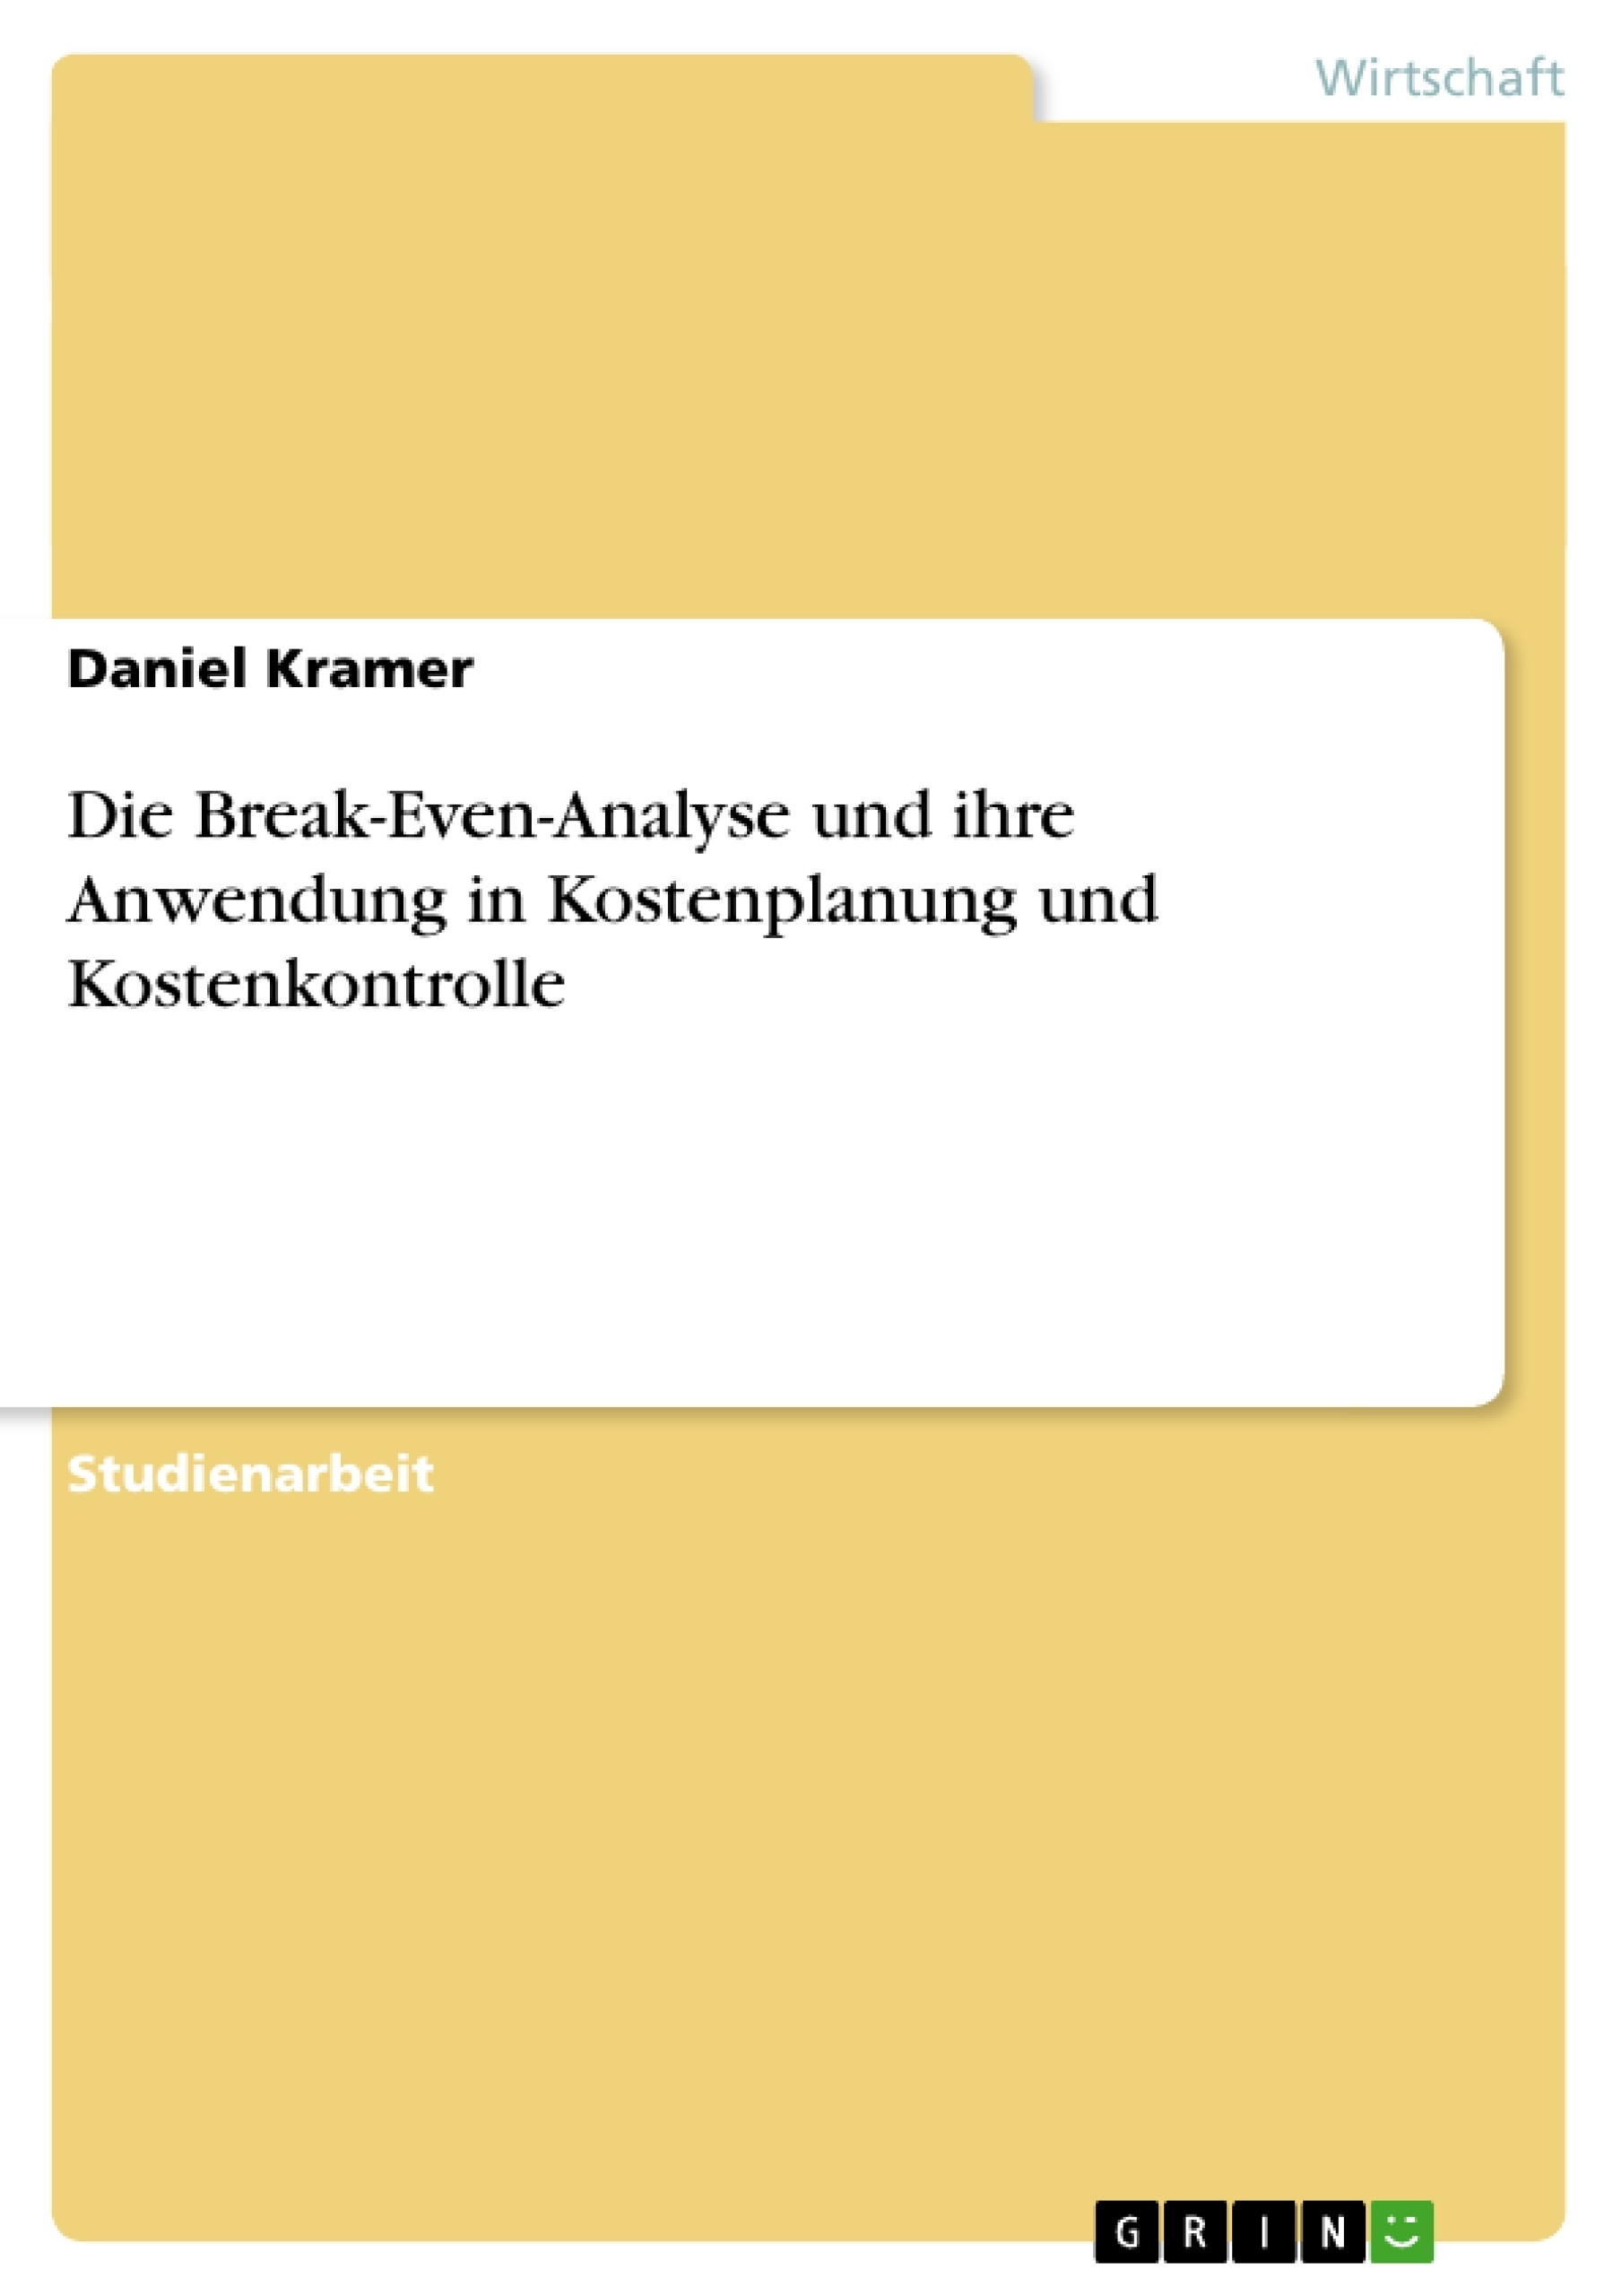 Titel: Die Break-Even-Analyse und ihre Anwendung in Kostenplanung und Kostenkontrolle